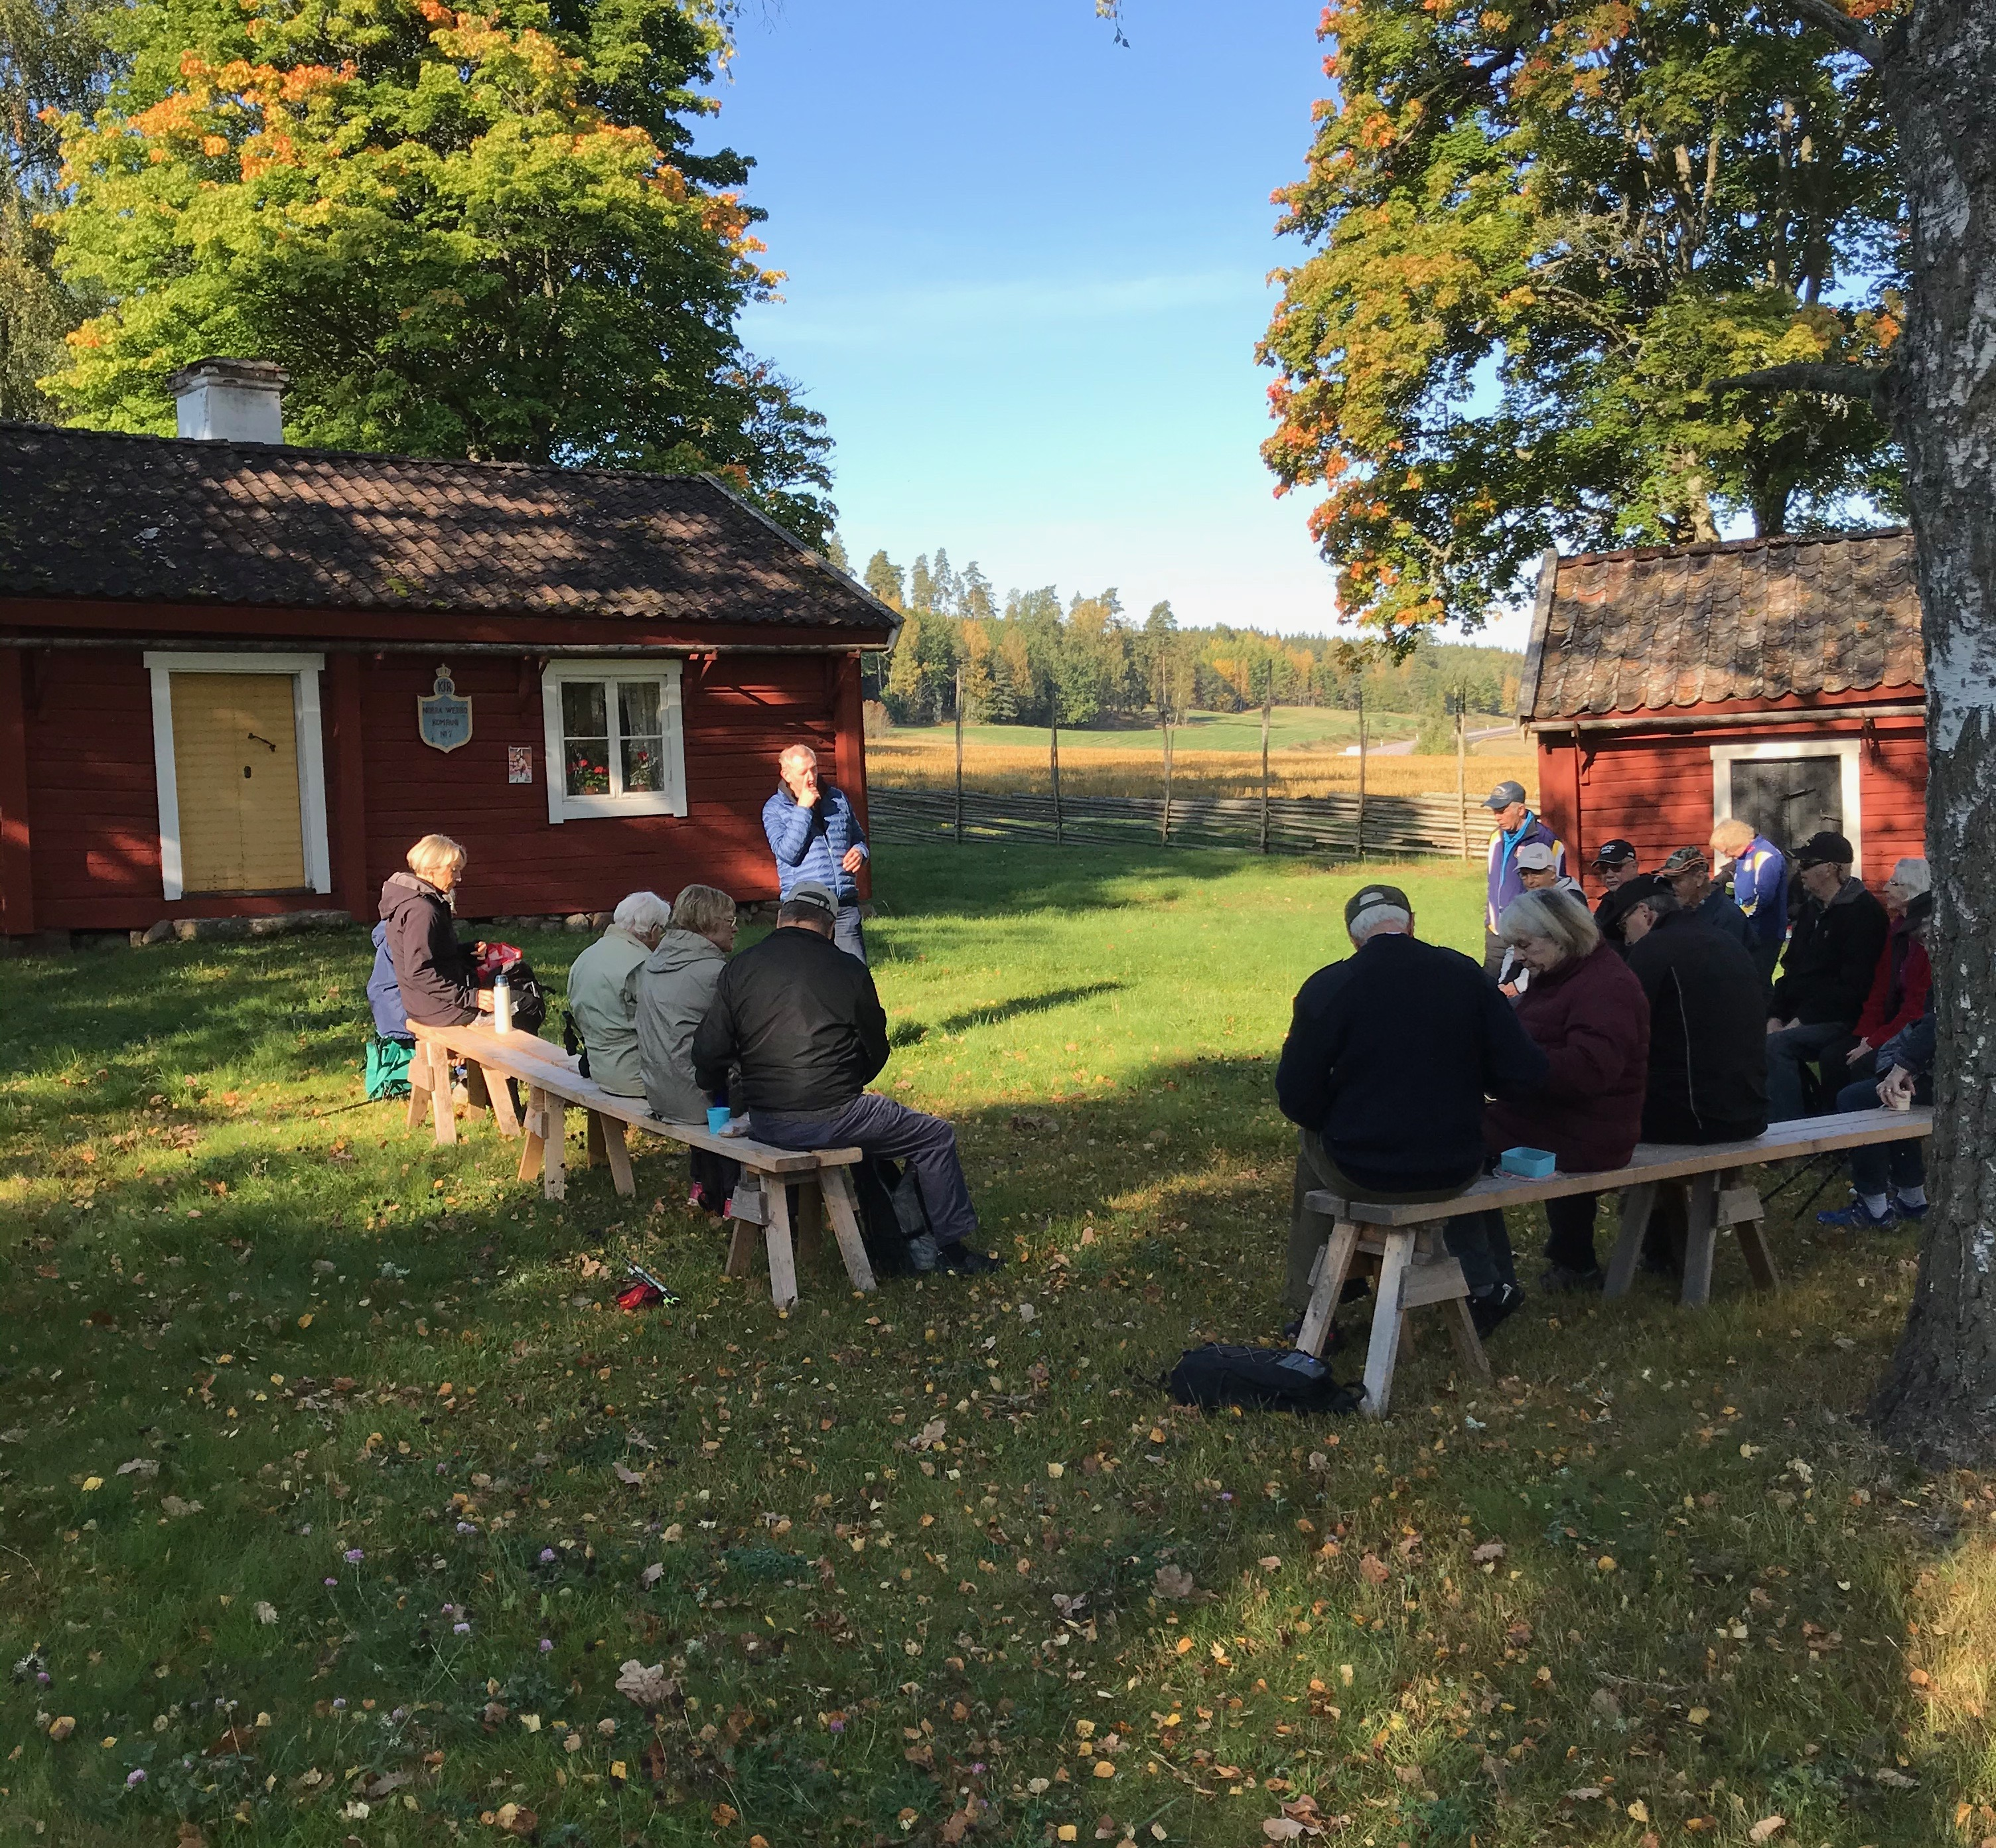 Nu var vi allt sugna på fika. Göran och Anna-Stina hade förberett med bänkar vid hembygdsföreningens husartorp. Där tackade vi också Ulf för hans medverkan.